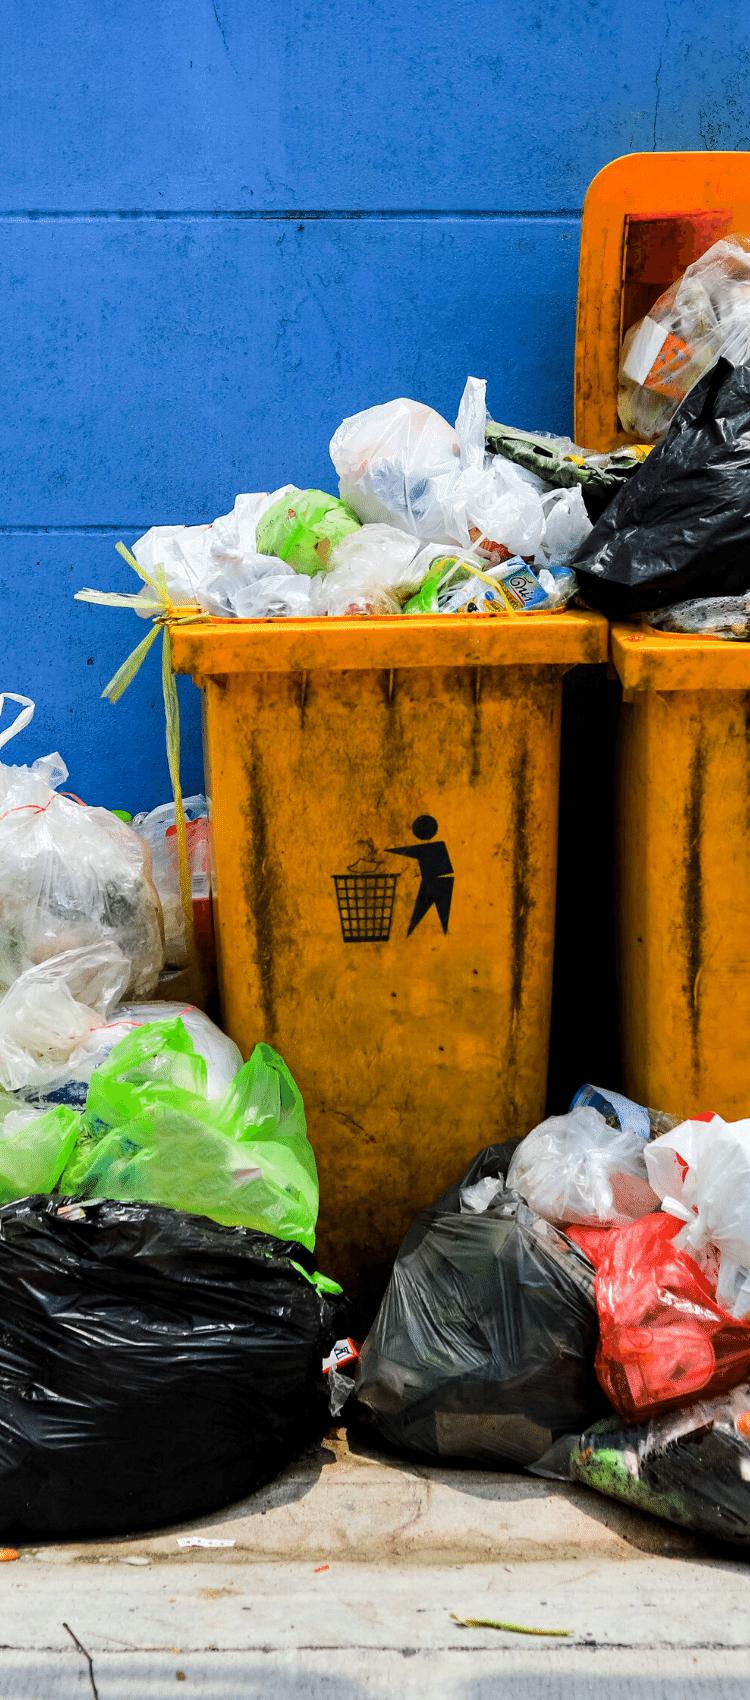 Two yellow bins fullof rubbish